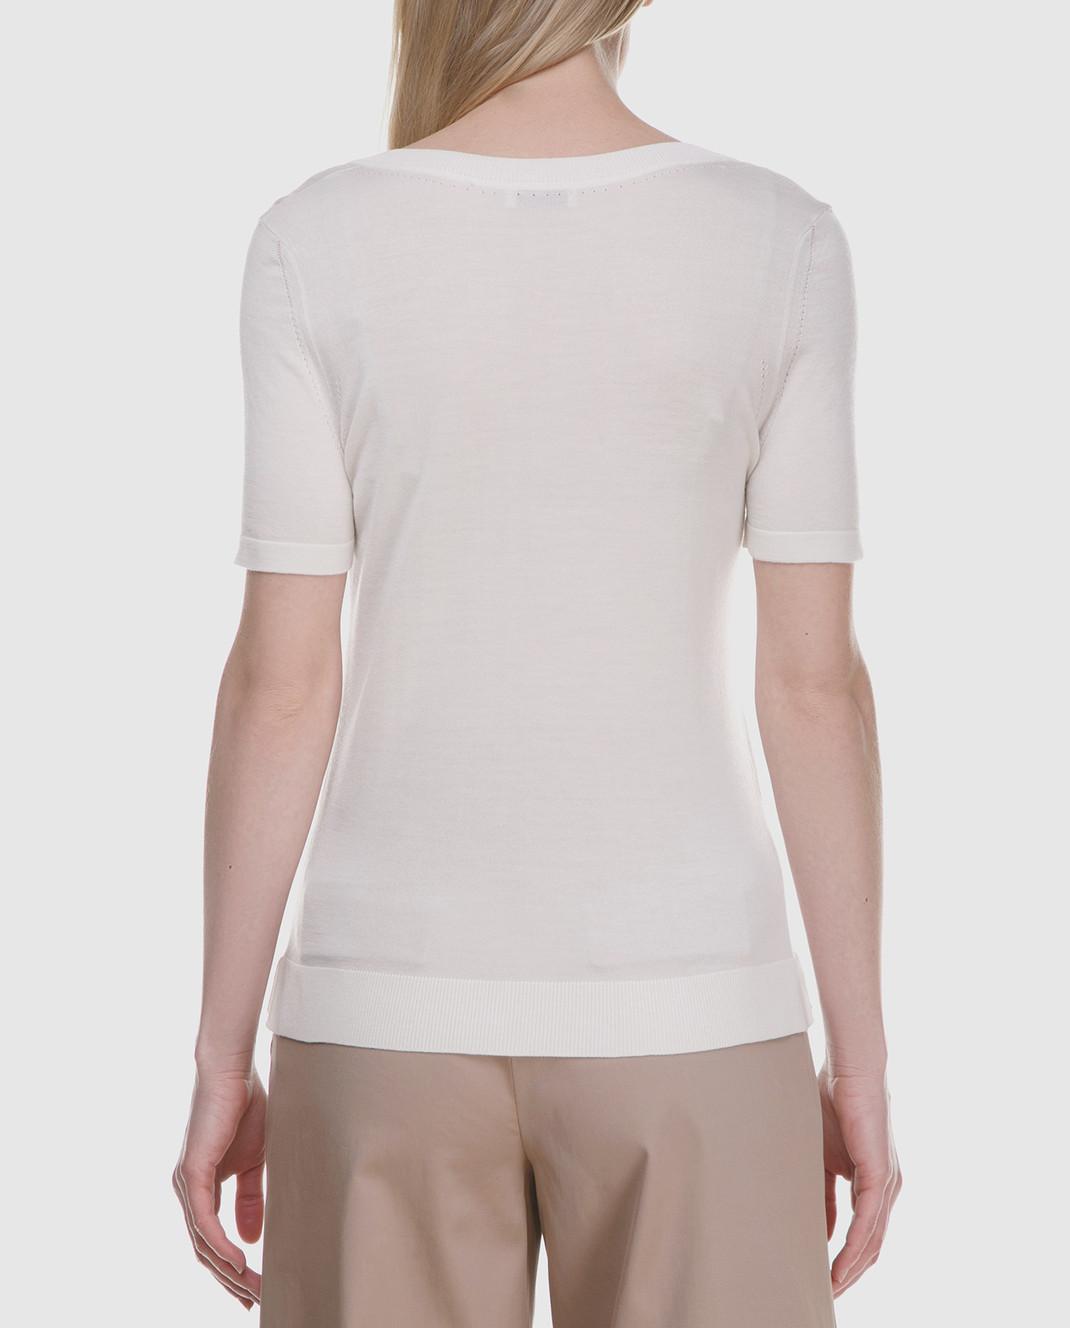 Maison Ullens Белый джемпер из кашемира и шелка TSS018 изображение 4